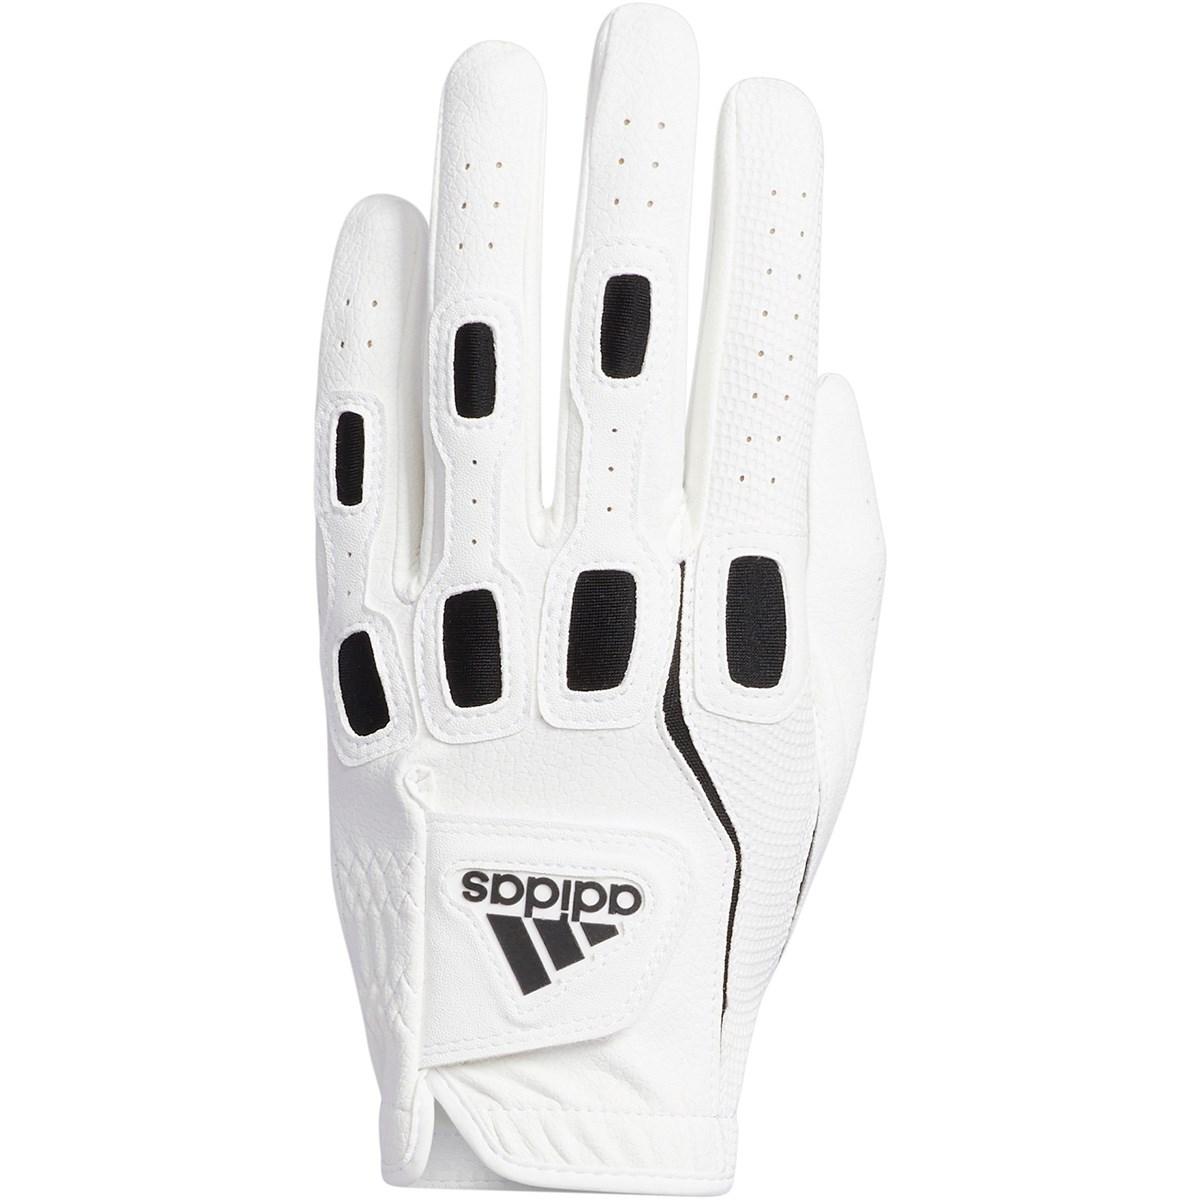 アディダス Adidas マルチフィット9 グローブ レフティ 21cm 右手着用(左利き用) ホワイト/ブラック